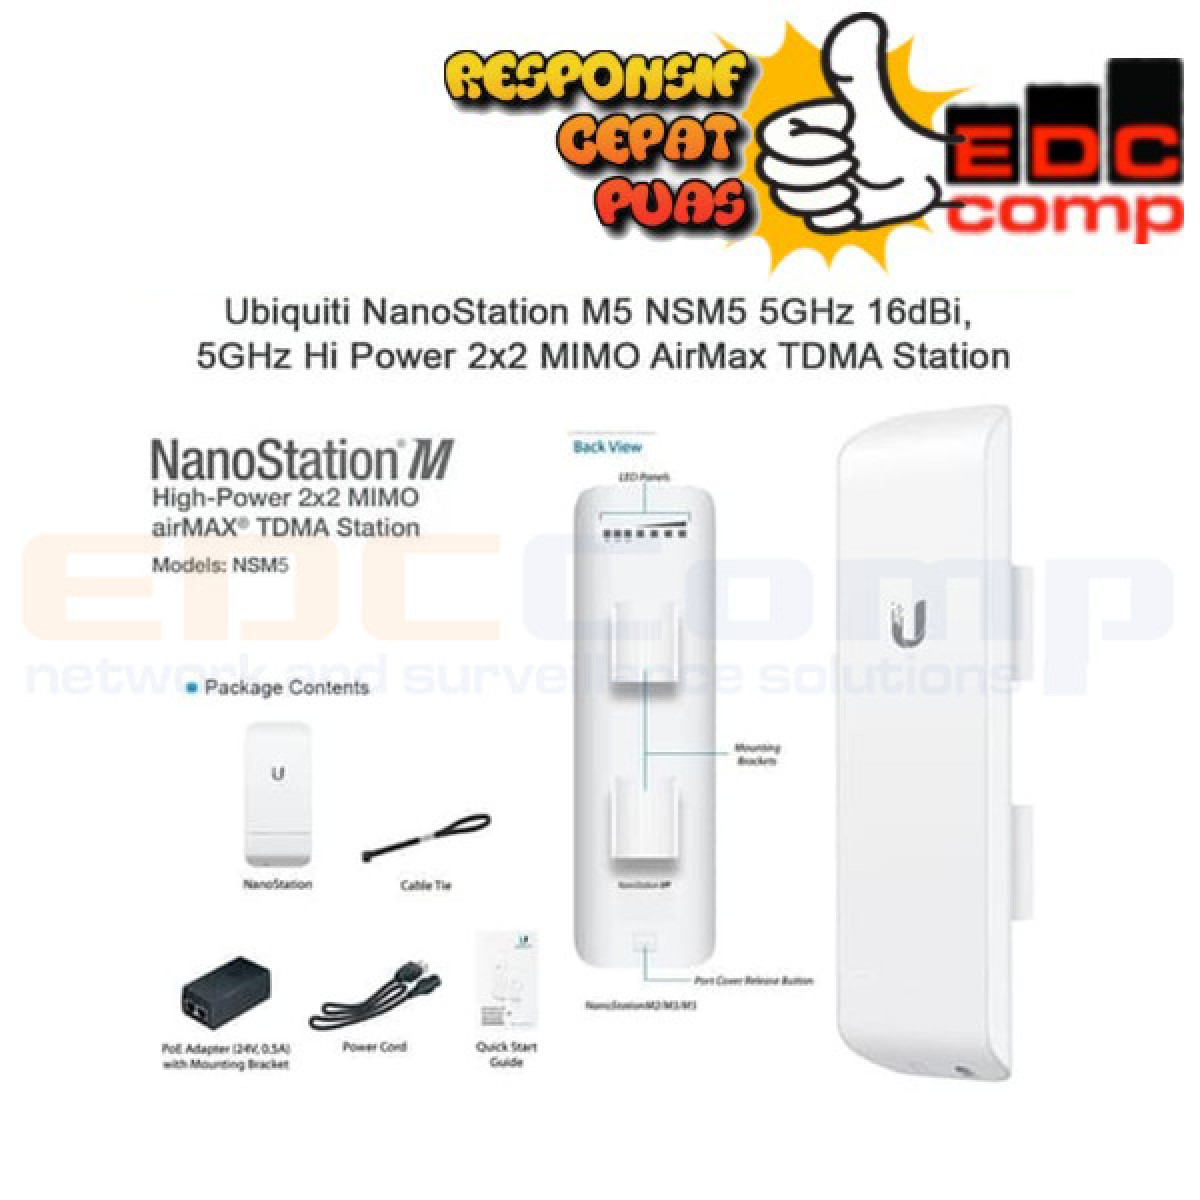 Ubiquiti Nanostation M5, NSM5, NS-M5, Nano Station M5 - EdcComp